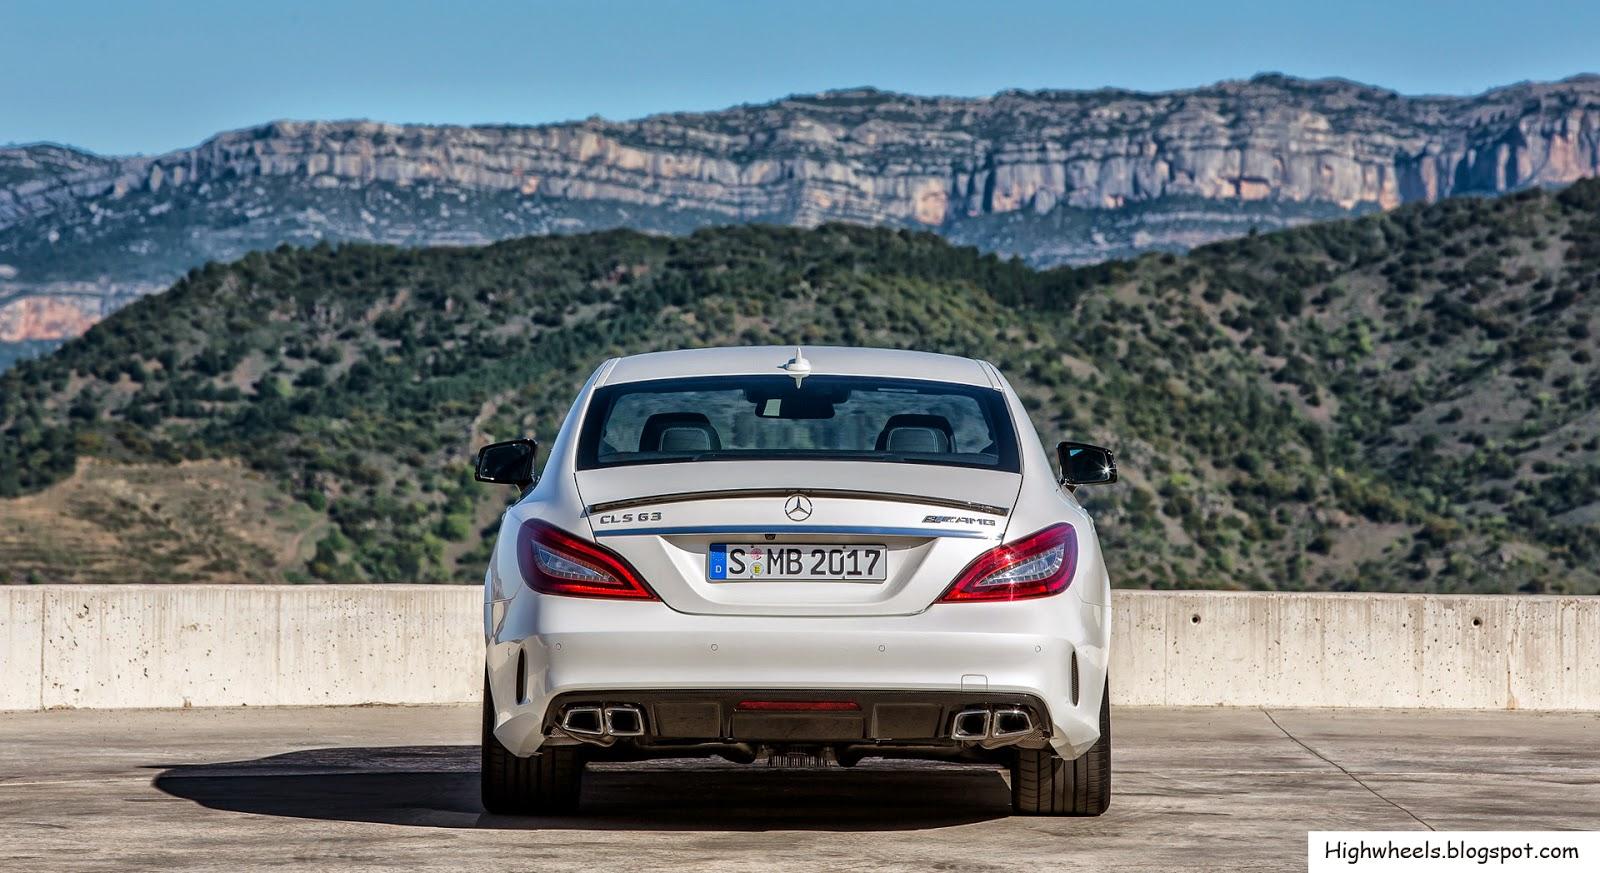 Hallmark Mercedes high level of safety